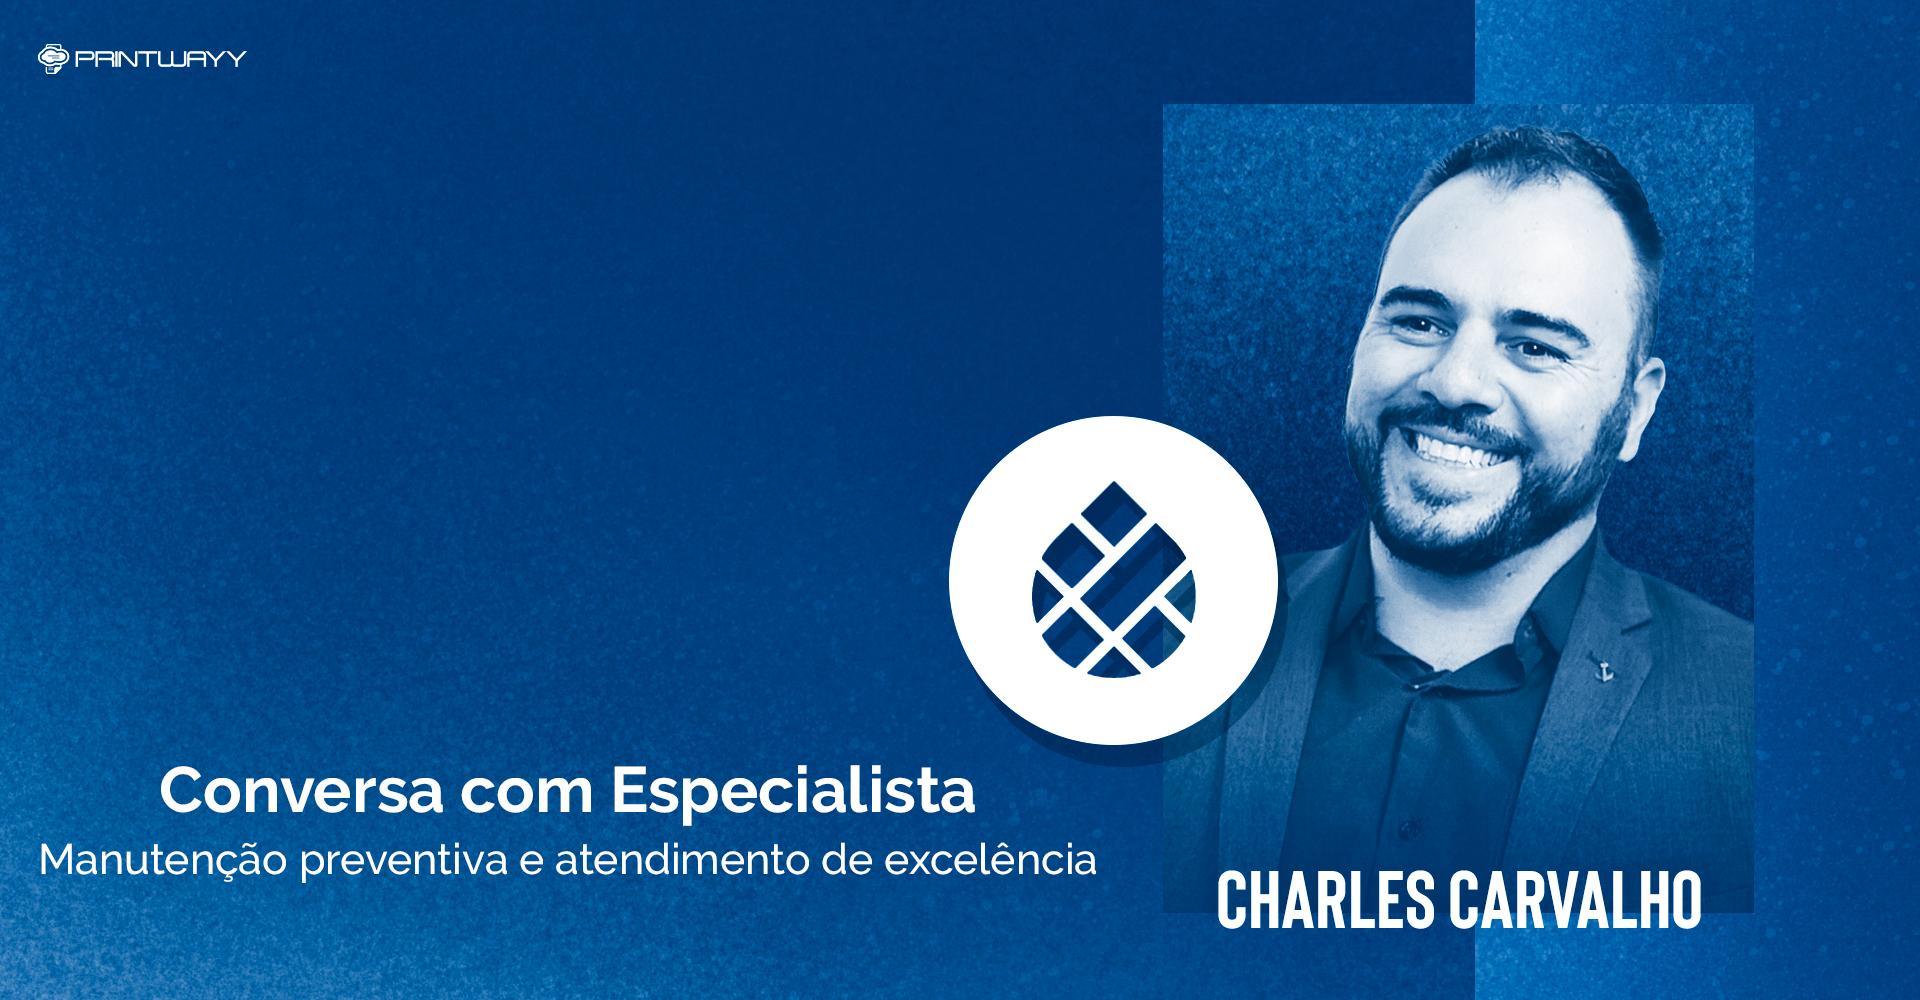 Fotografia de Charles Carvalho e logotipo da empresa que ele fundou, a Imprimmer. A imagem ilustra a conversa com especialista em outsourcing de impressão